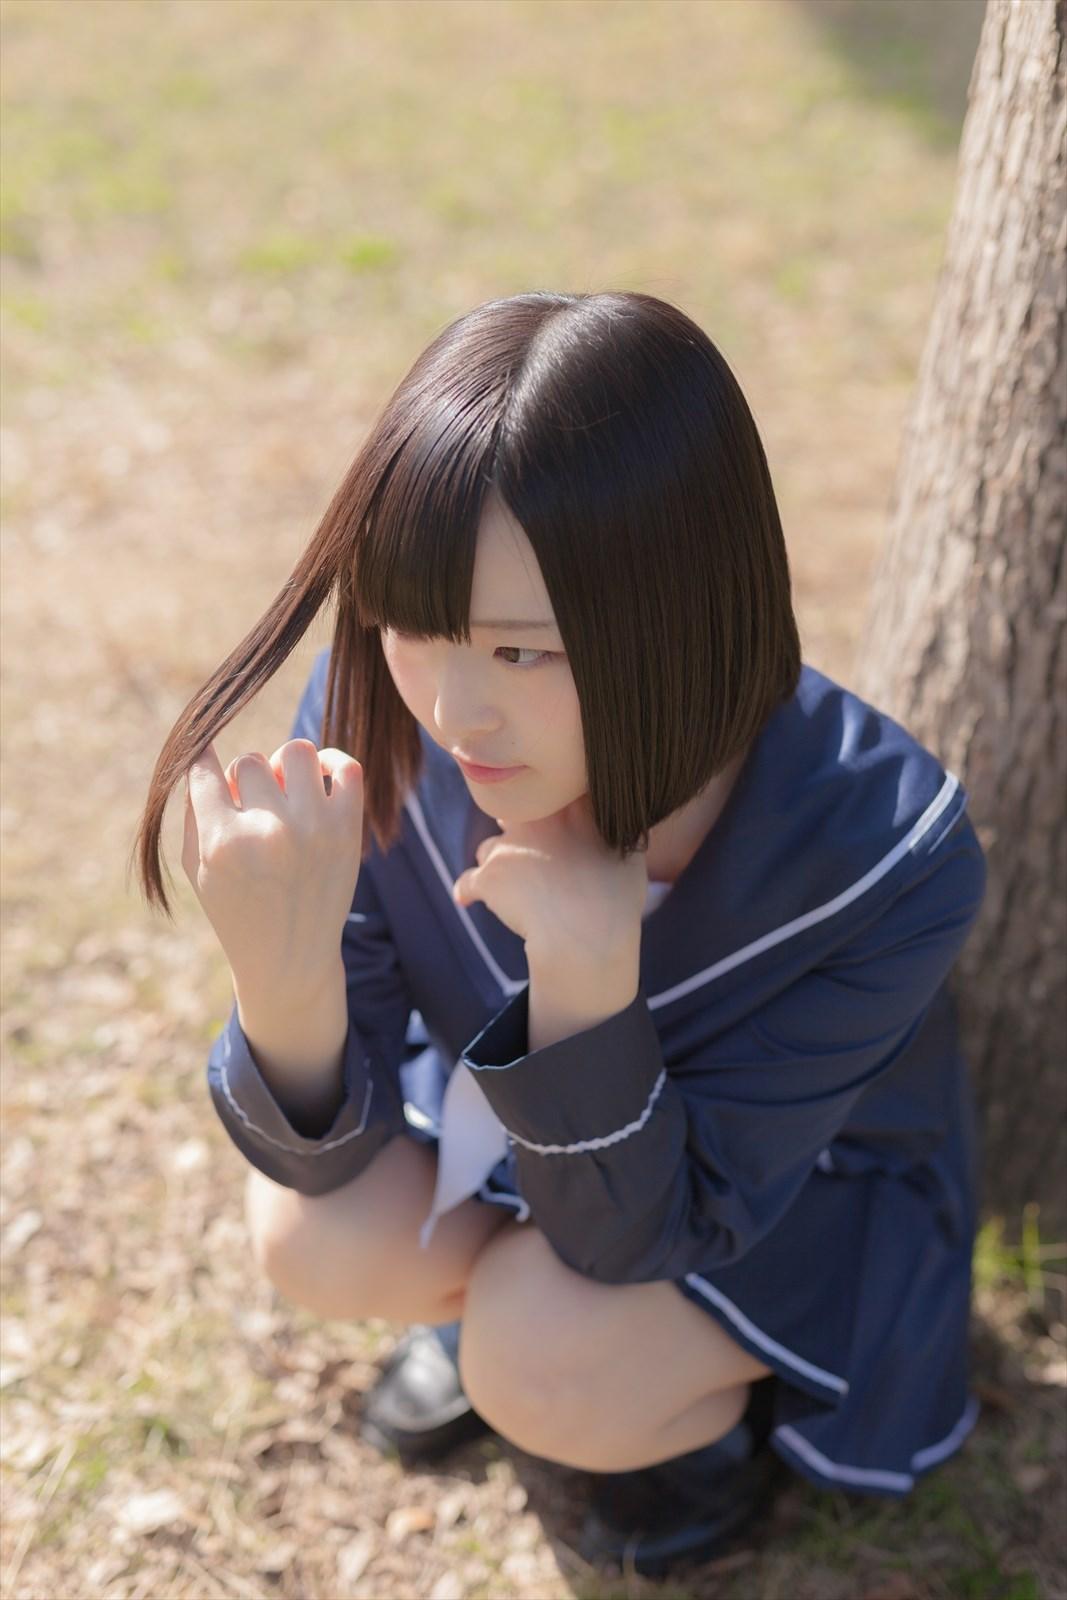 【兔玩映画】学妹的情书 兔玩映画 第20张